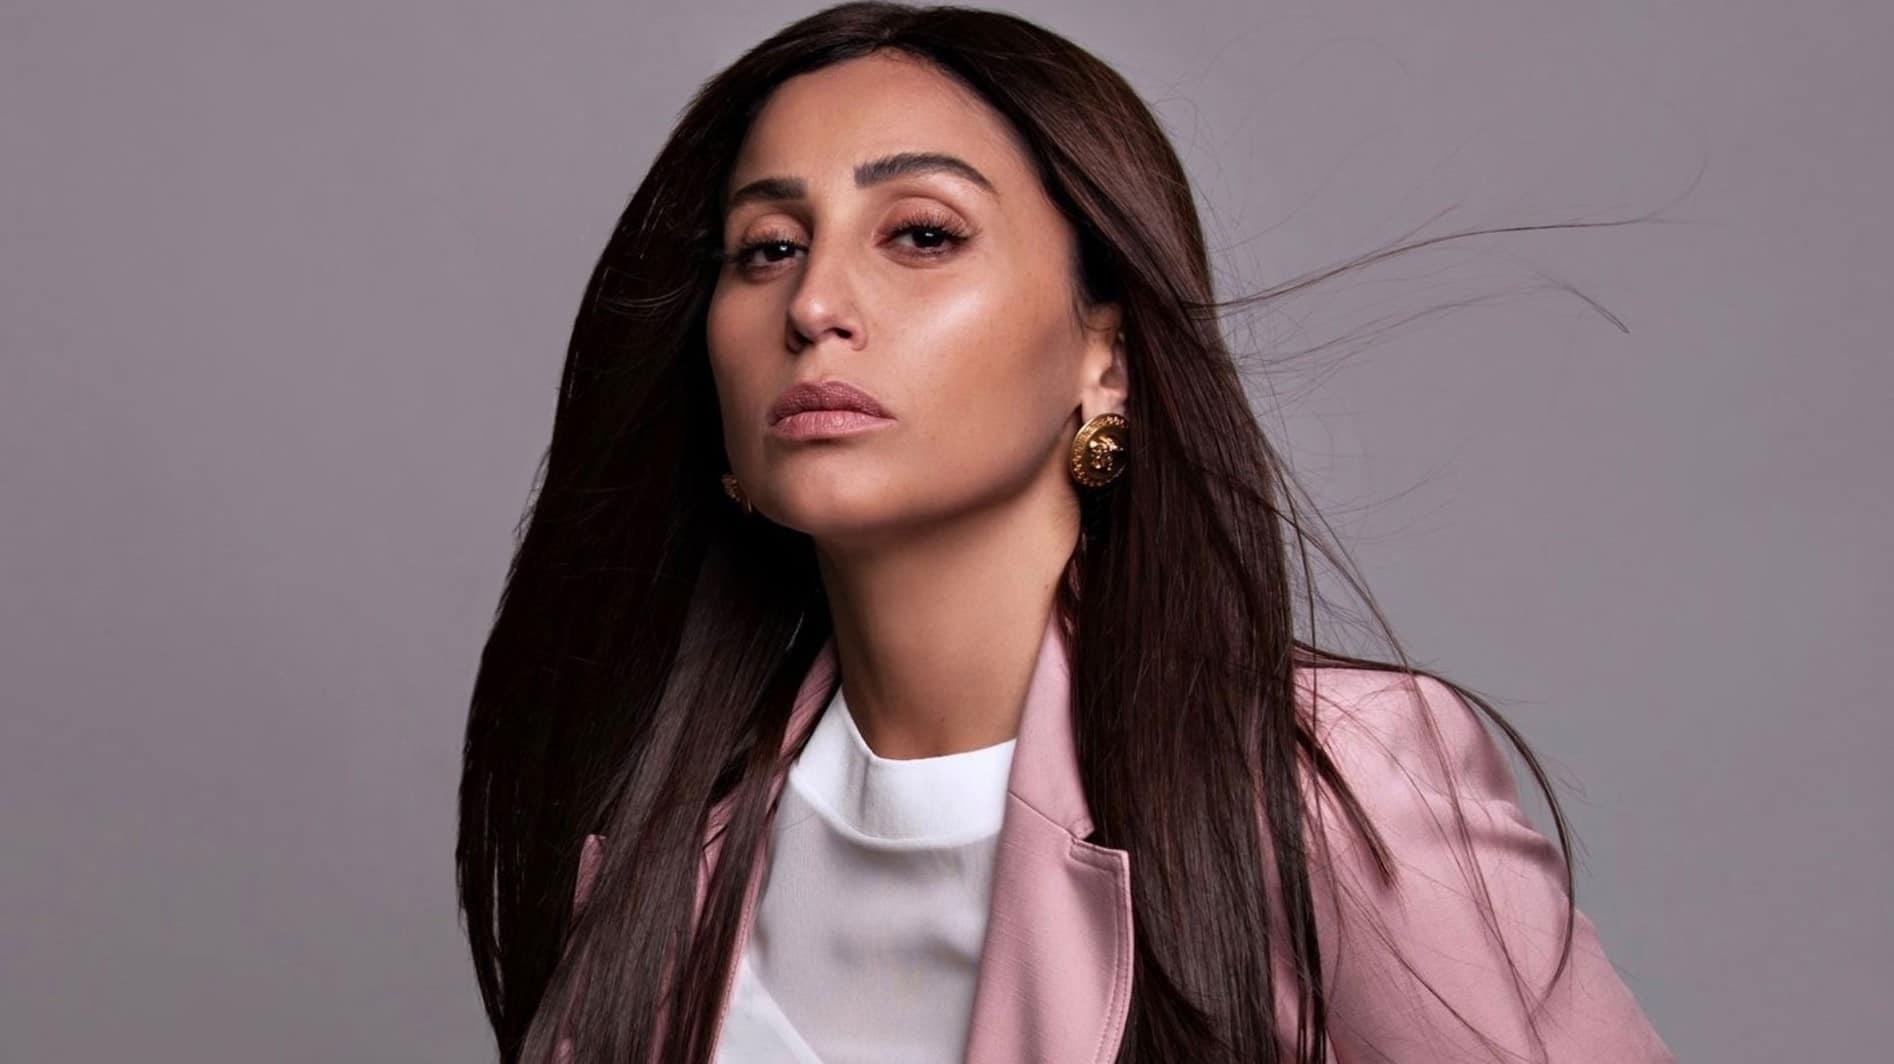 تقارير تتحدث عن علاقة دينا الشربيني بنجم عربي بعد انفصالها عن عمرو دياب